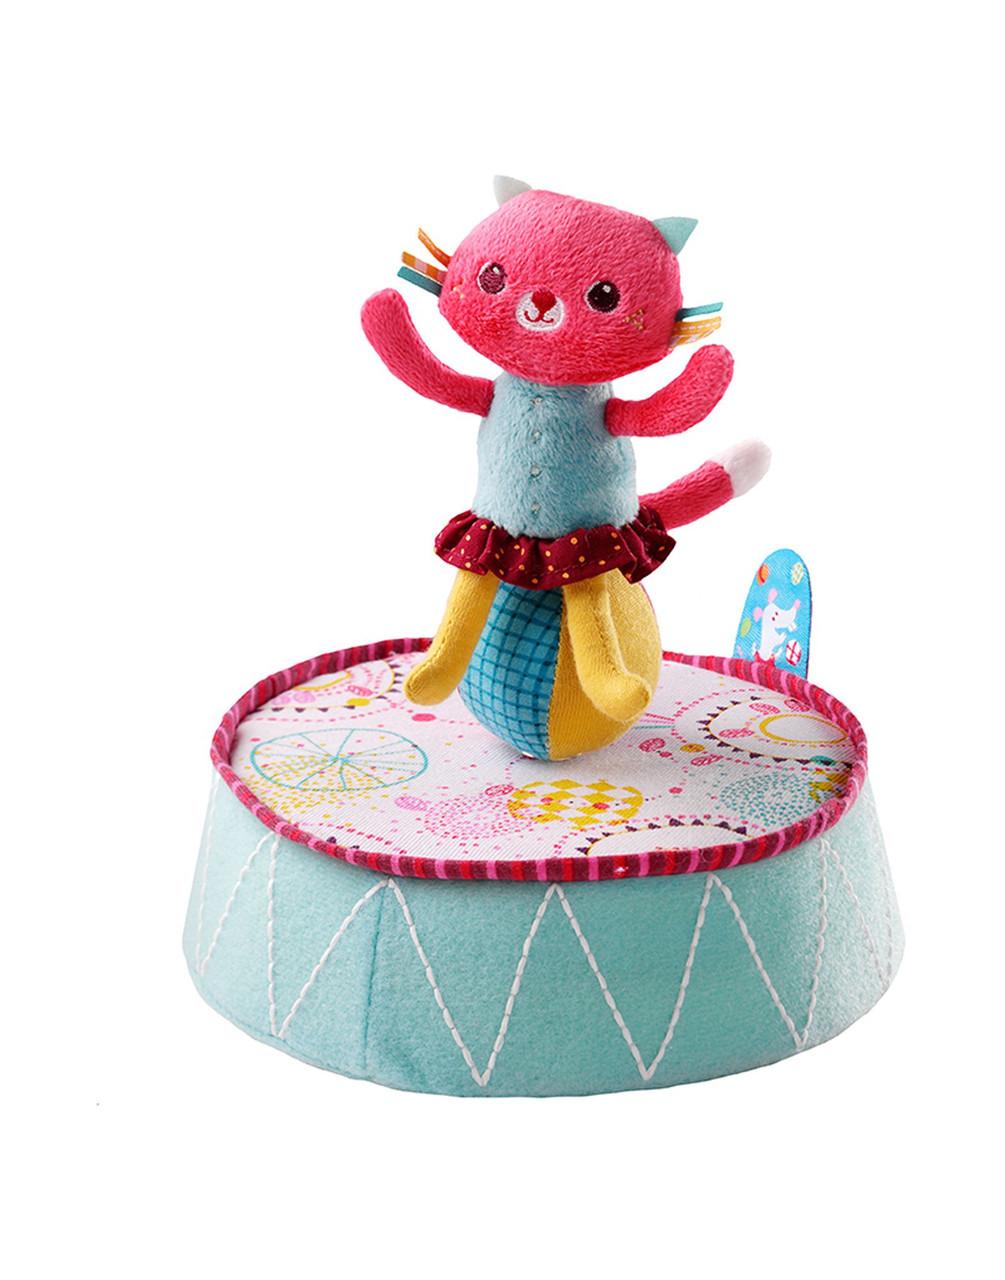 Lilliputiens - Музыкальная игрушка кошечка Колетт